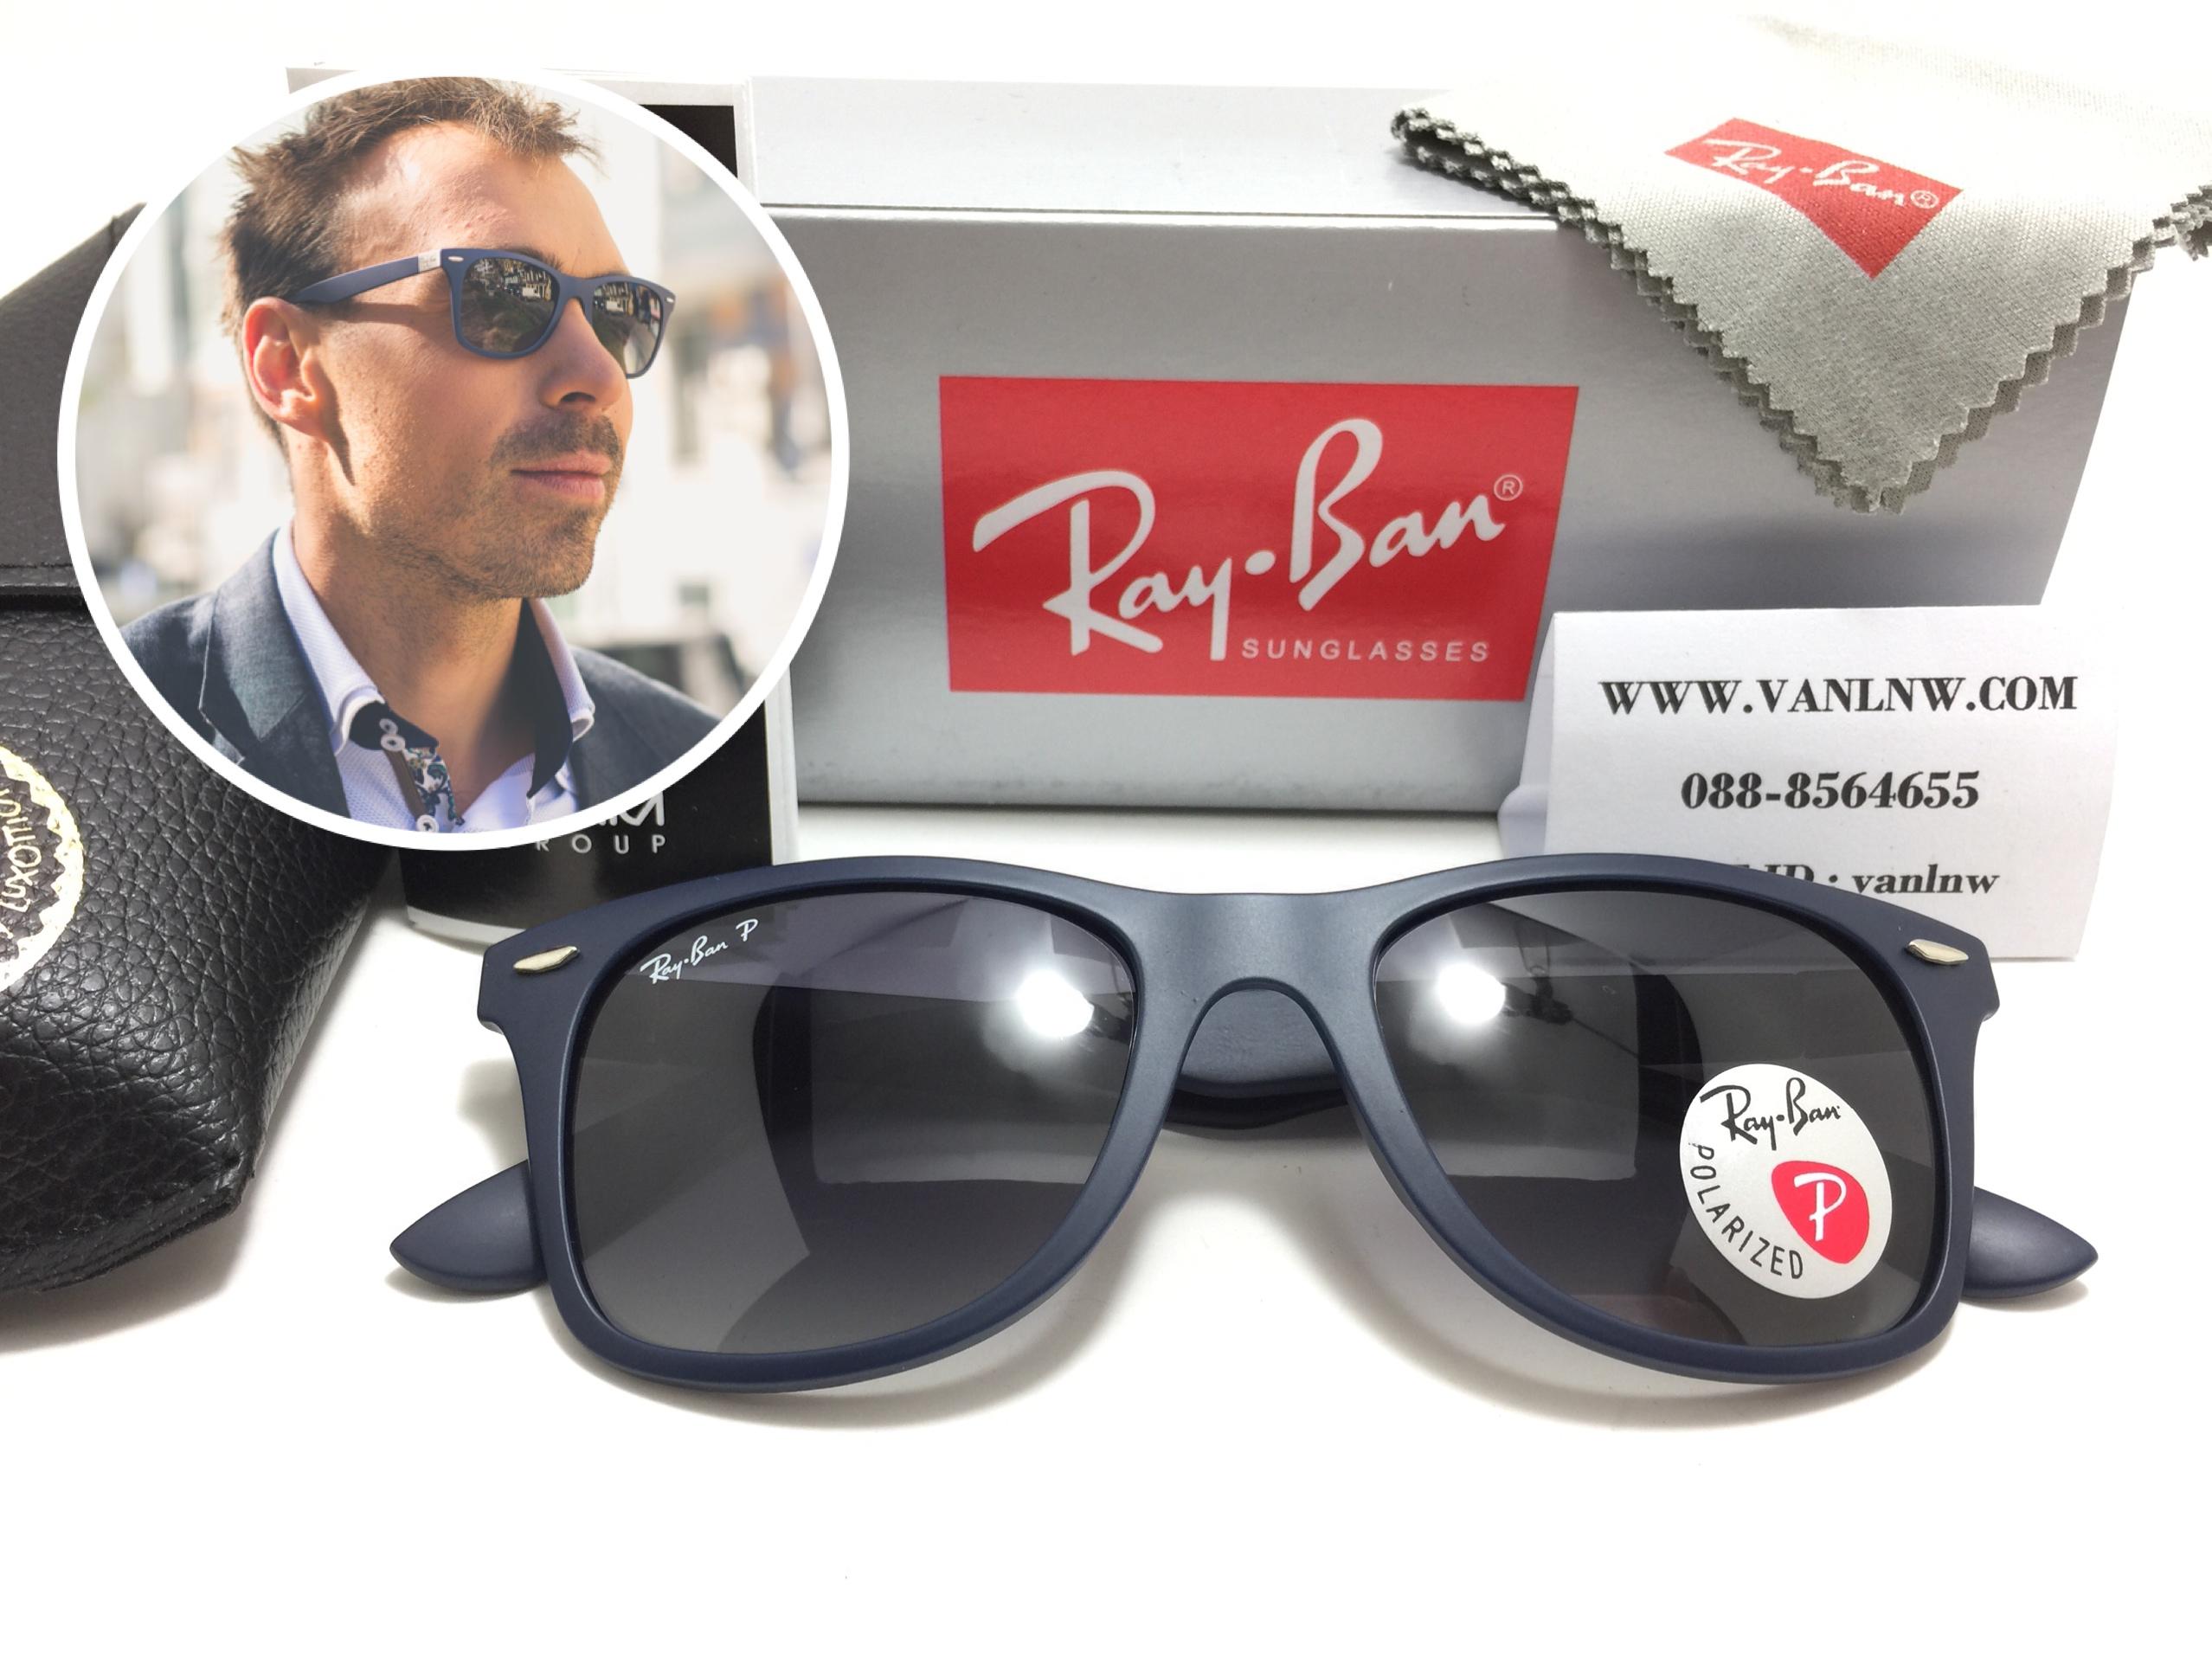 แว่นกันแดด RB 4195 Wayfarer Liteforce 6015/8G 52-20 3P <Polarized>